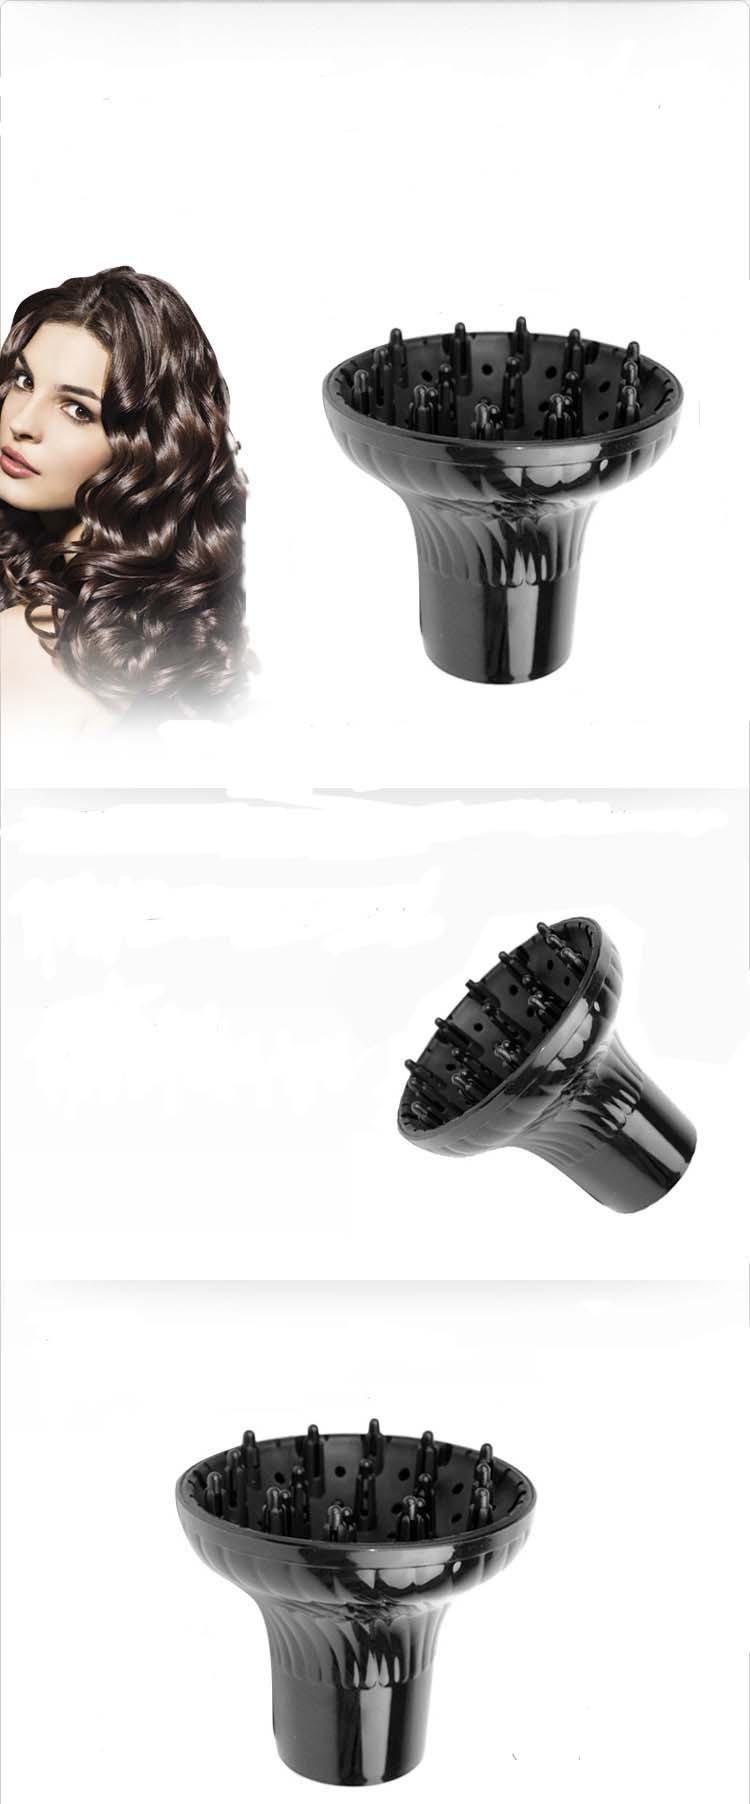 волосы бигуди универсальный интерфейс рассеянного дефлектора капота сушки волос прямые волосы становится магическим пушистые кудри